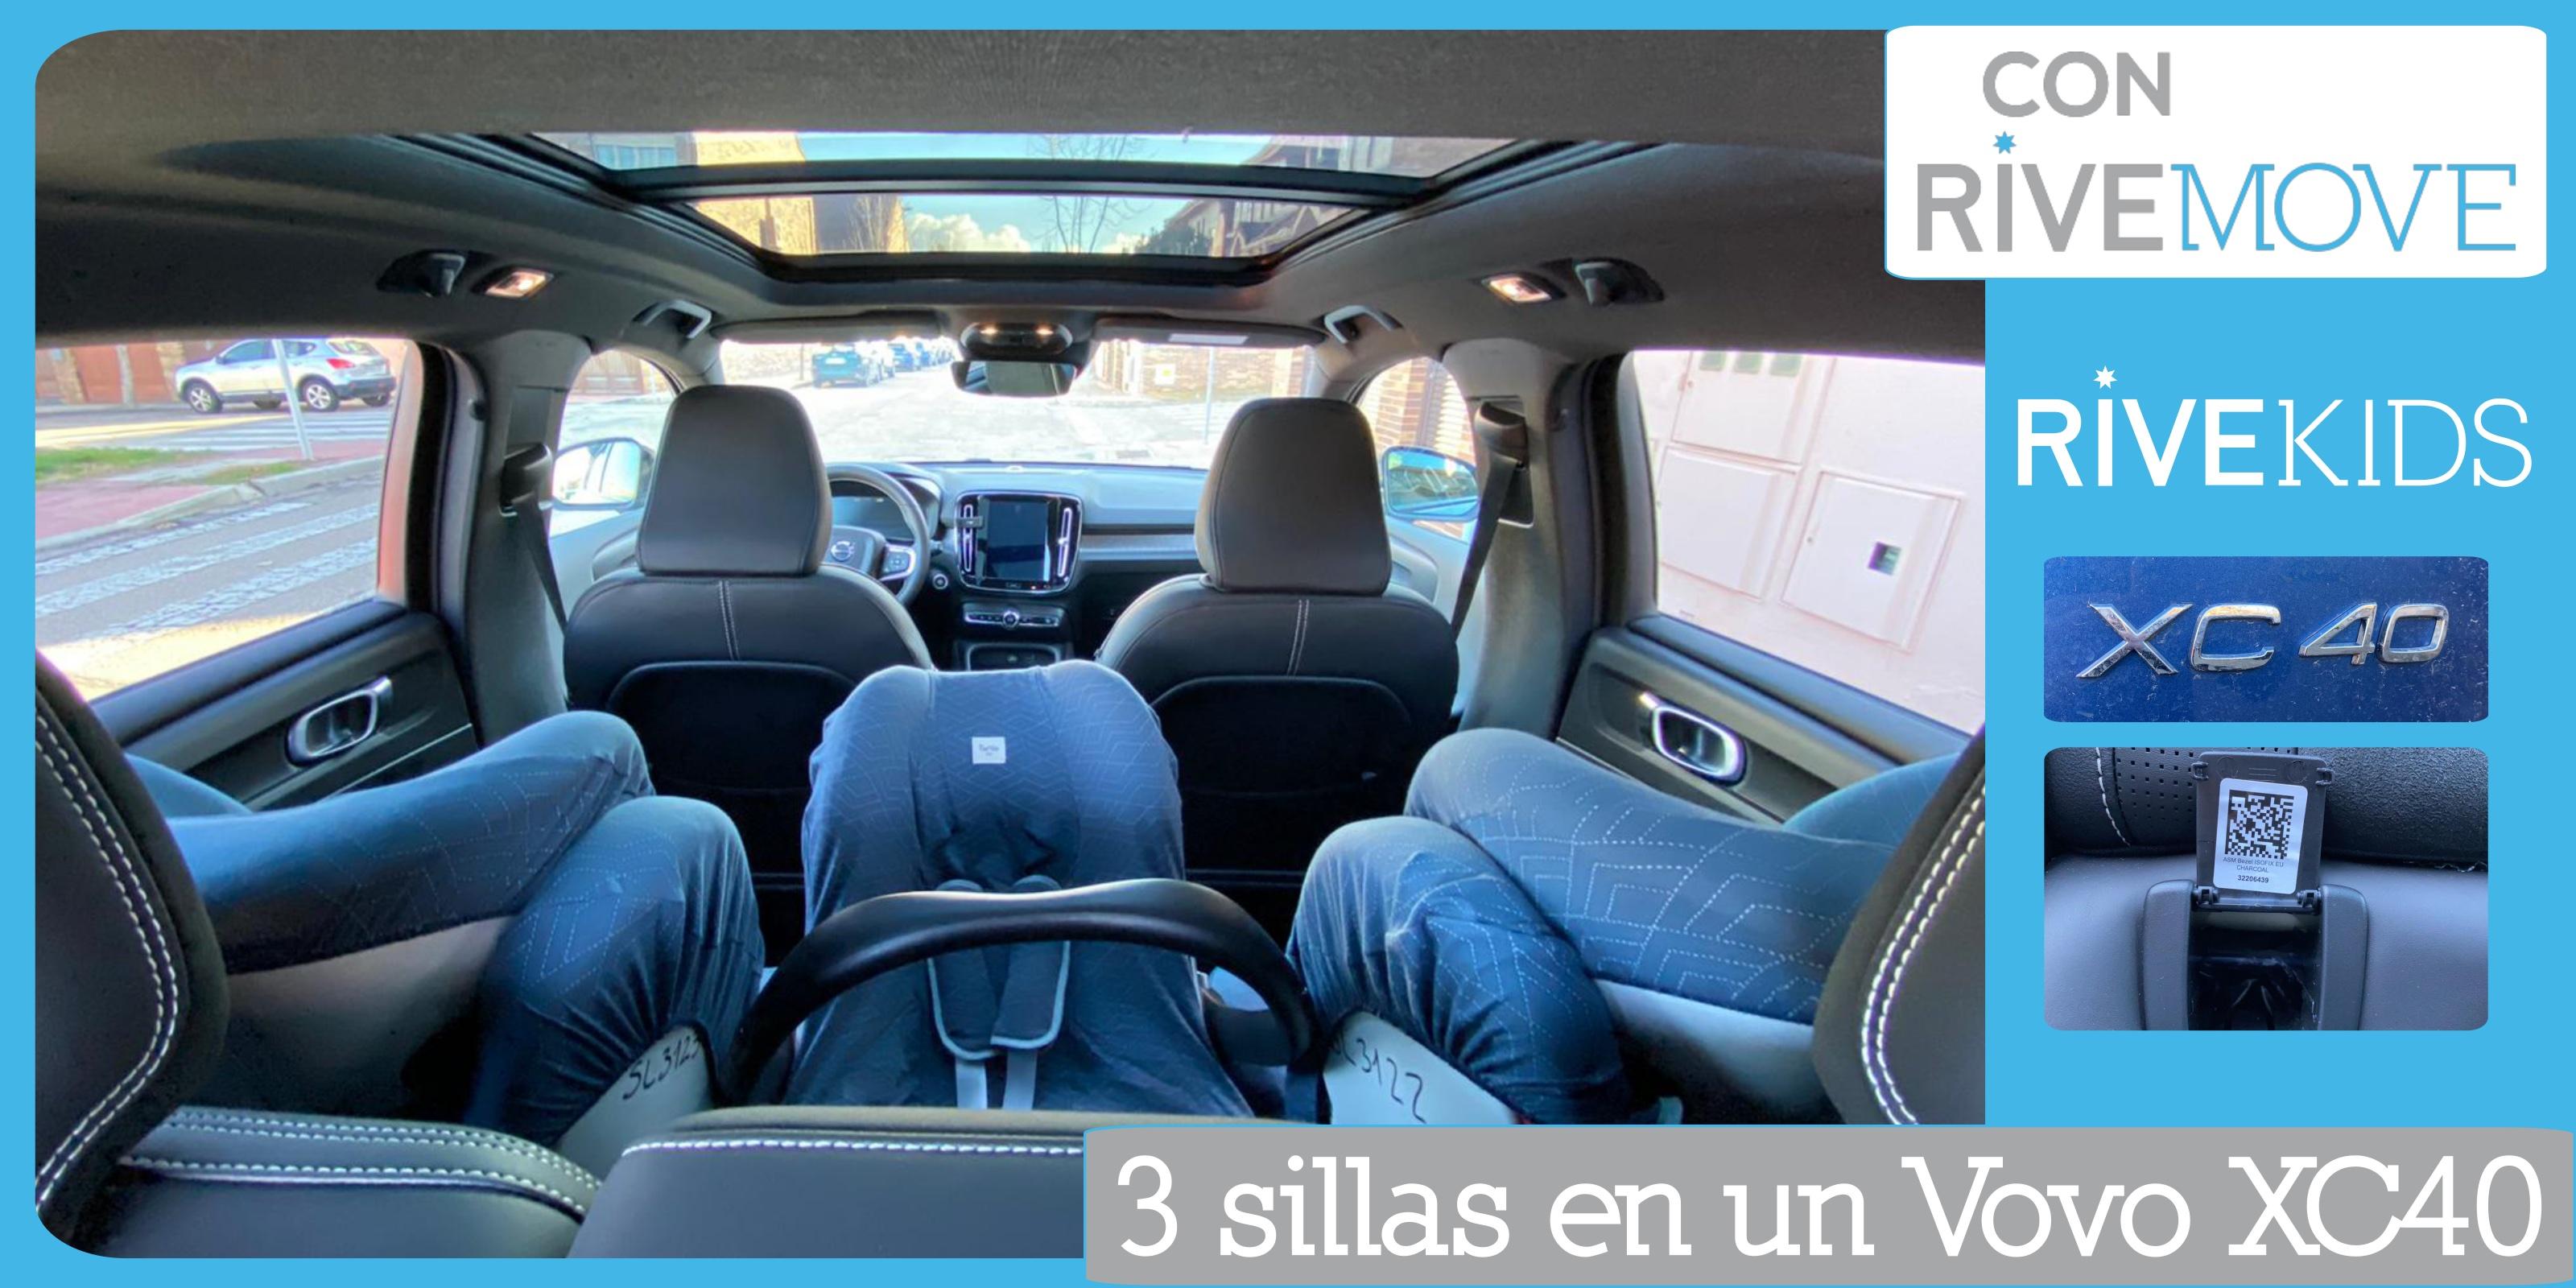 3_sillas_coche_volvo_xc40_rivemove